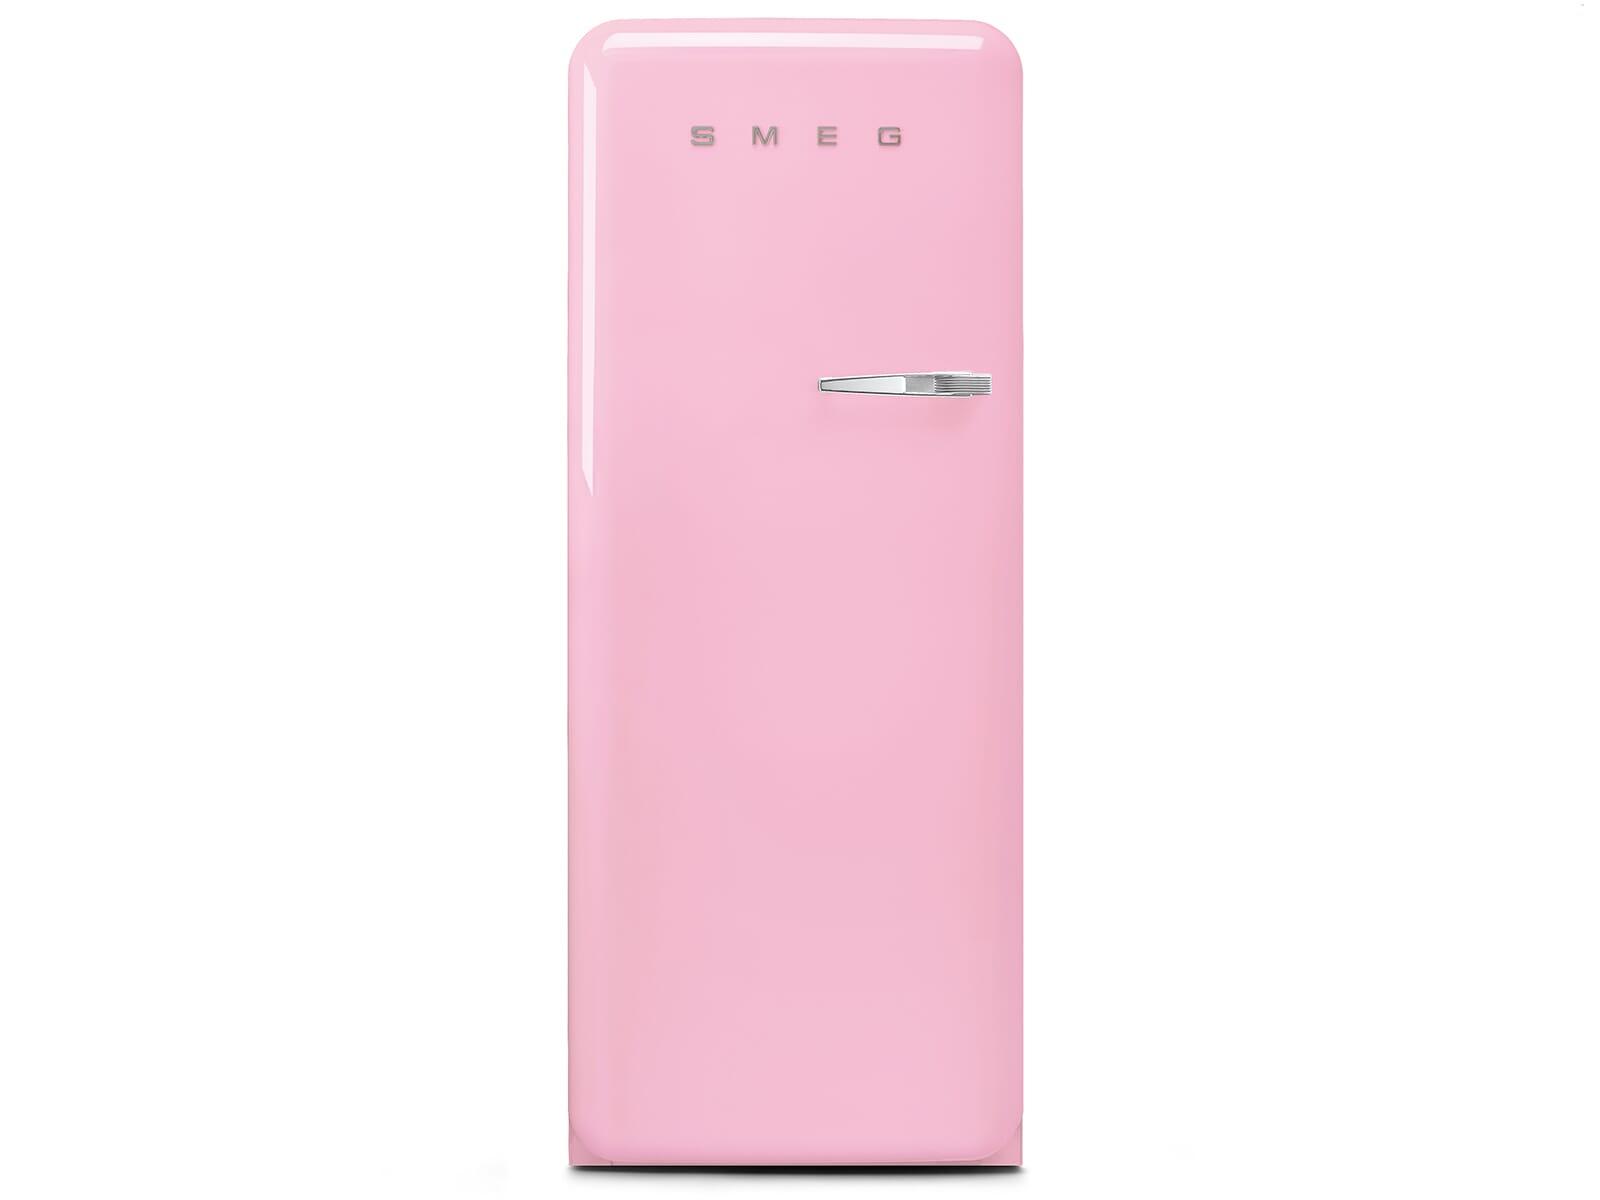 Smeg Retro Kühlschrank Test : Smeg retro kühlschrank test: kühlschrank test typen volumen und